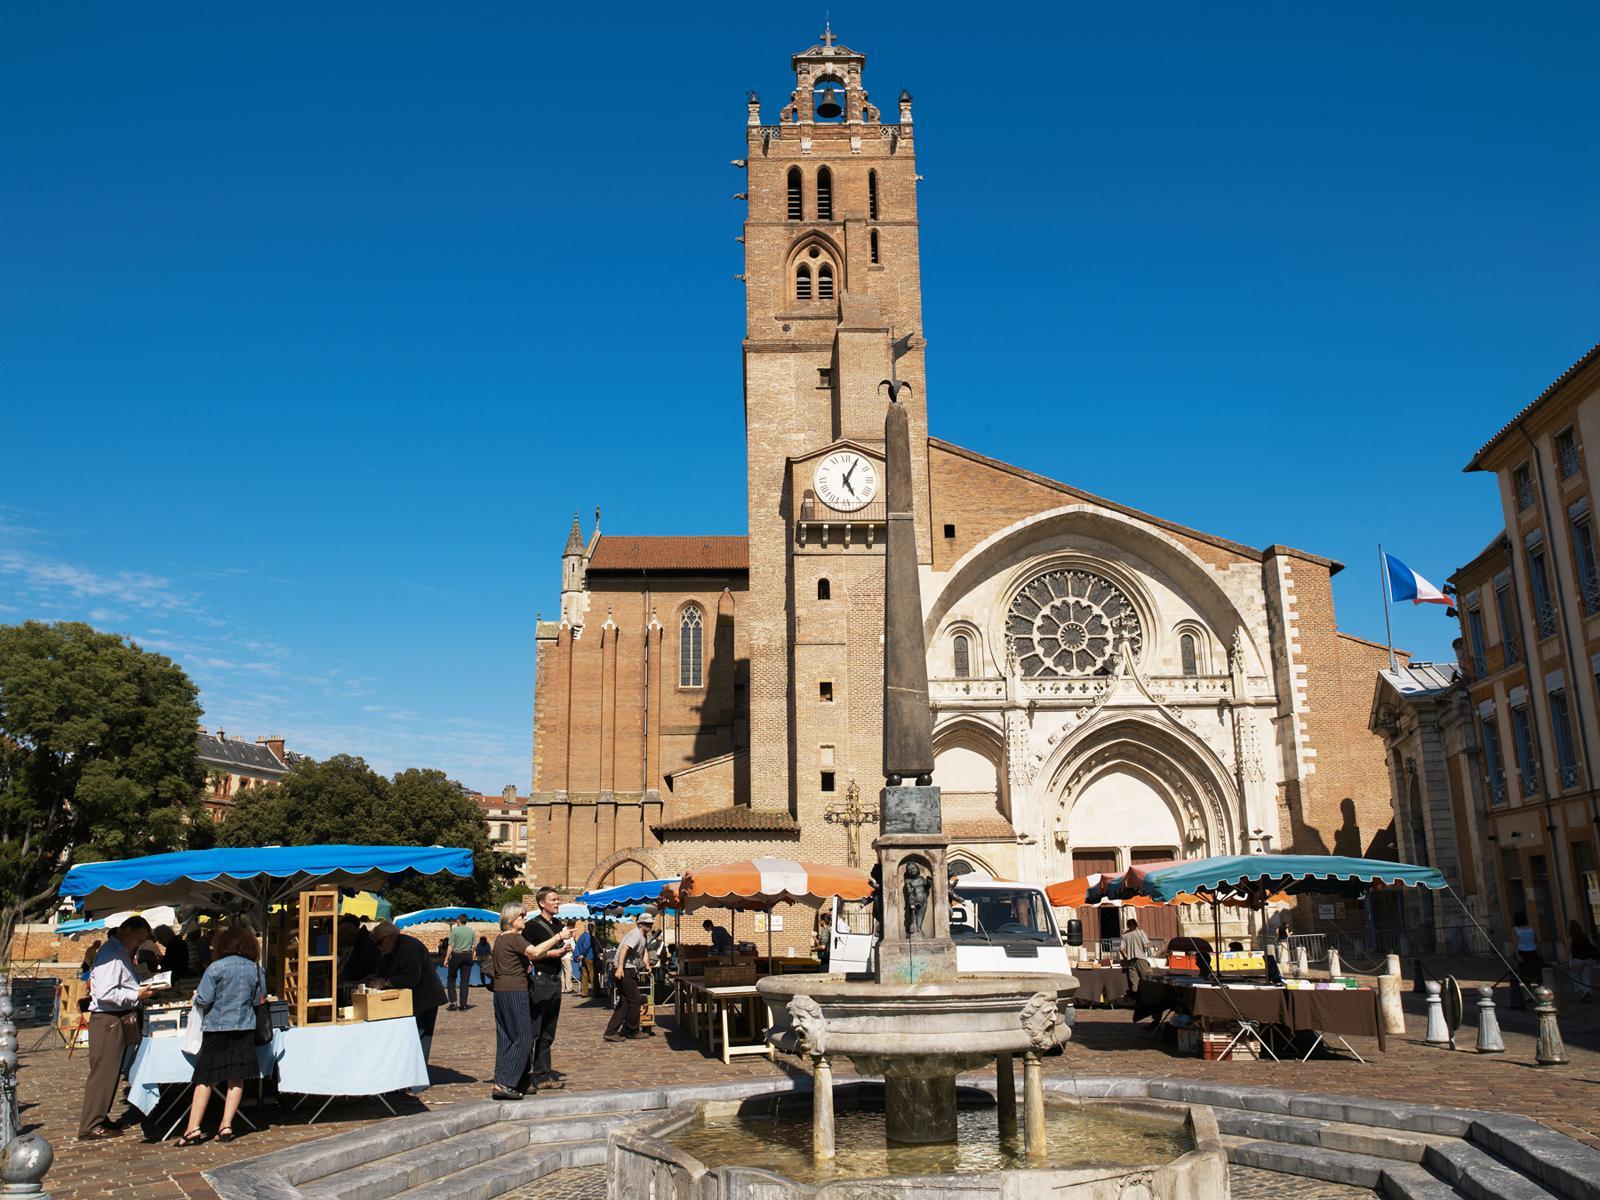 Image : La Cathedrale Saint-etienne